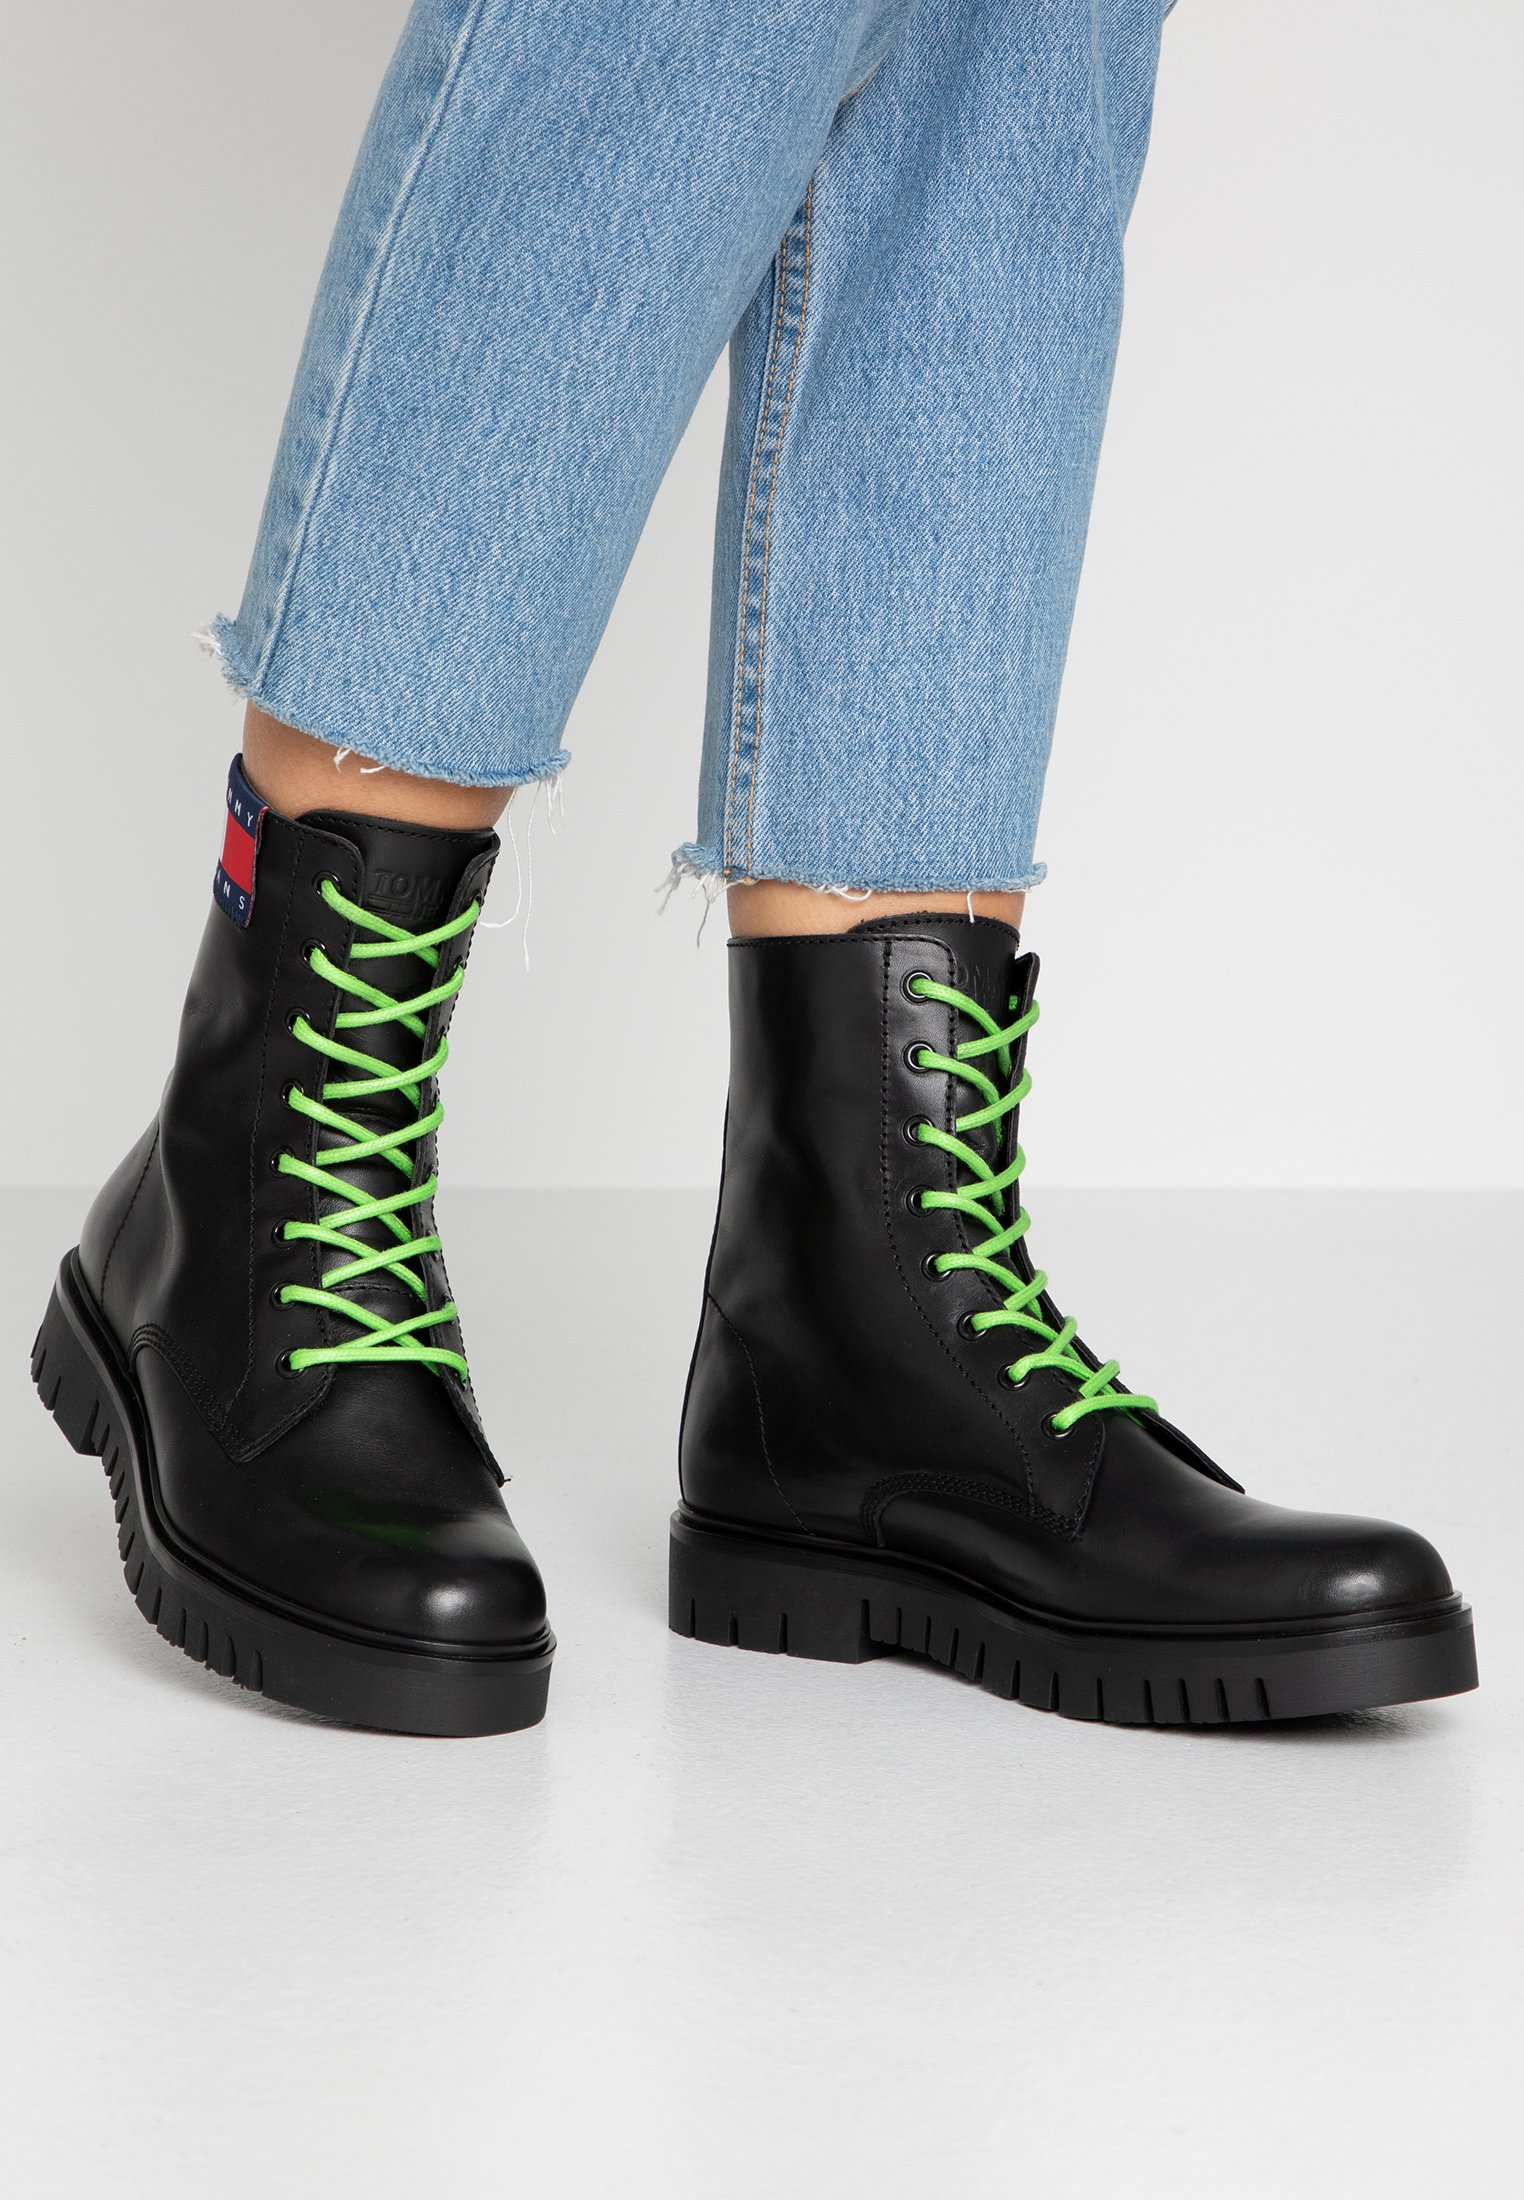 Tommy Jeans Neon Detail Lace Up Boot - Platåstövletter Black